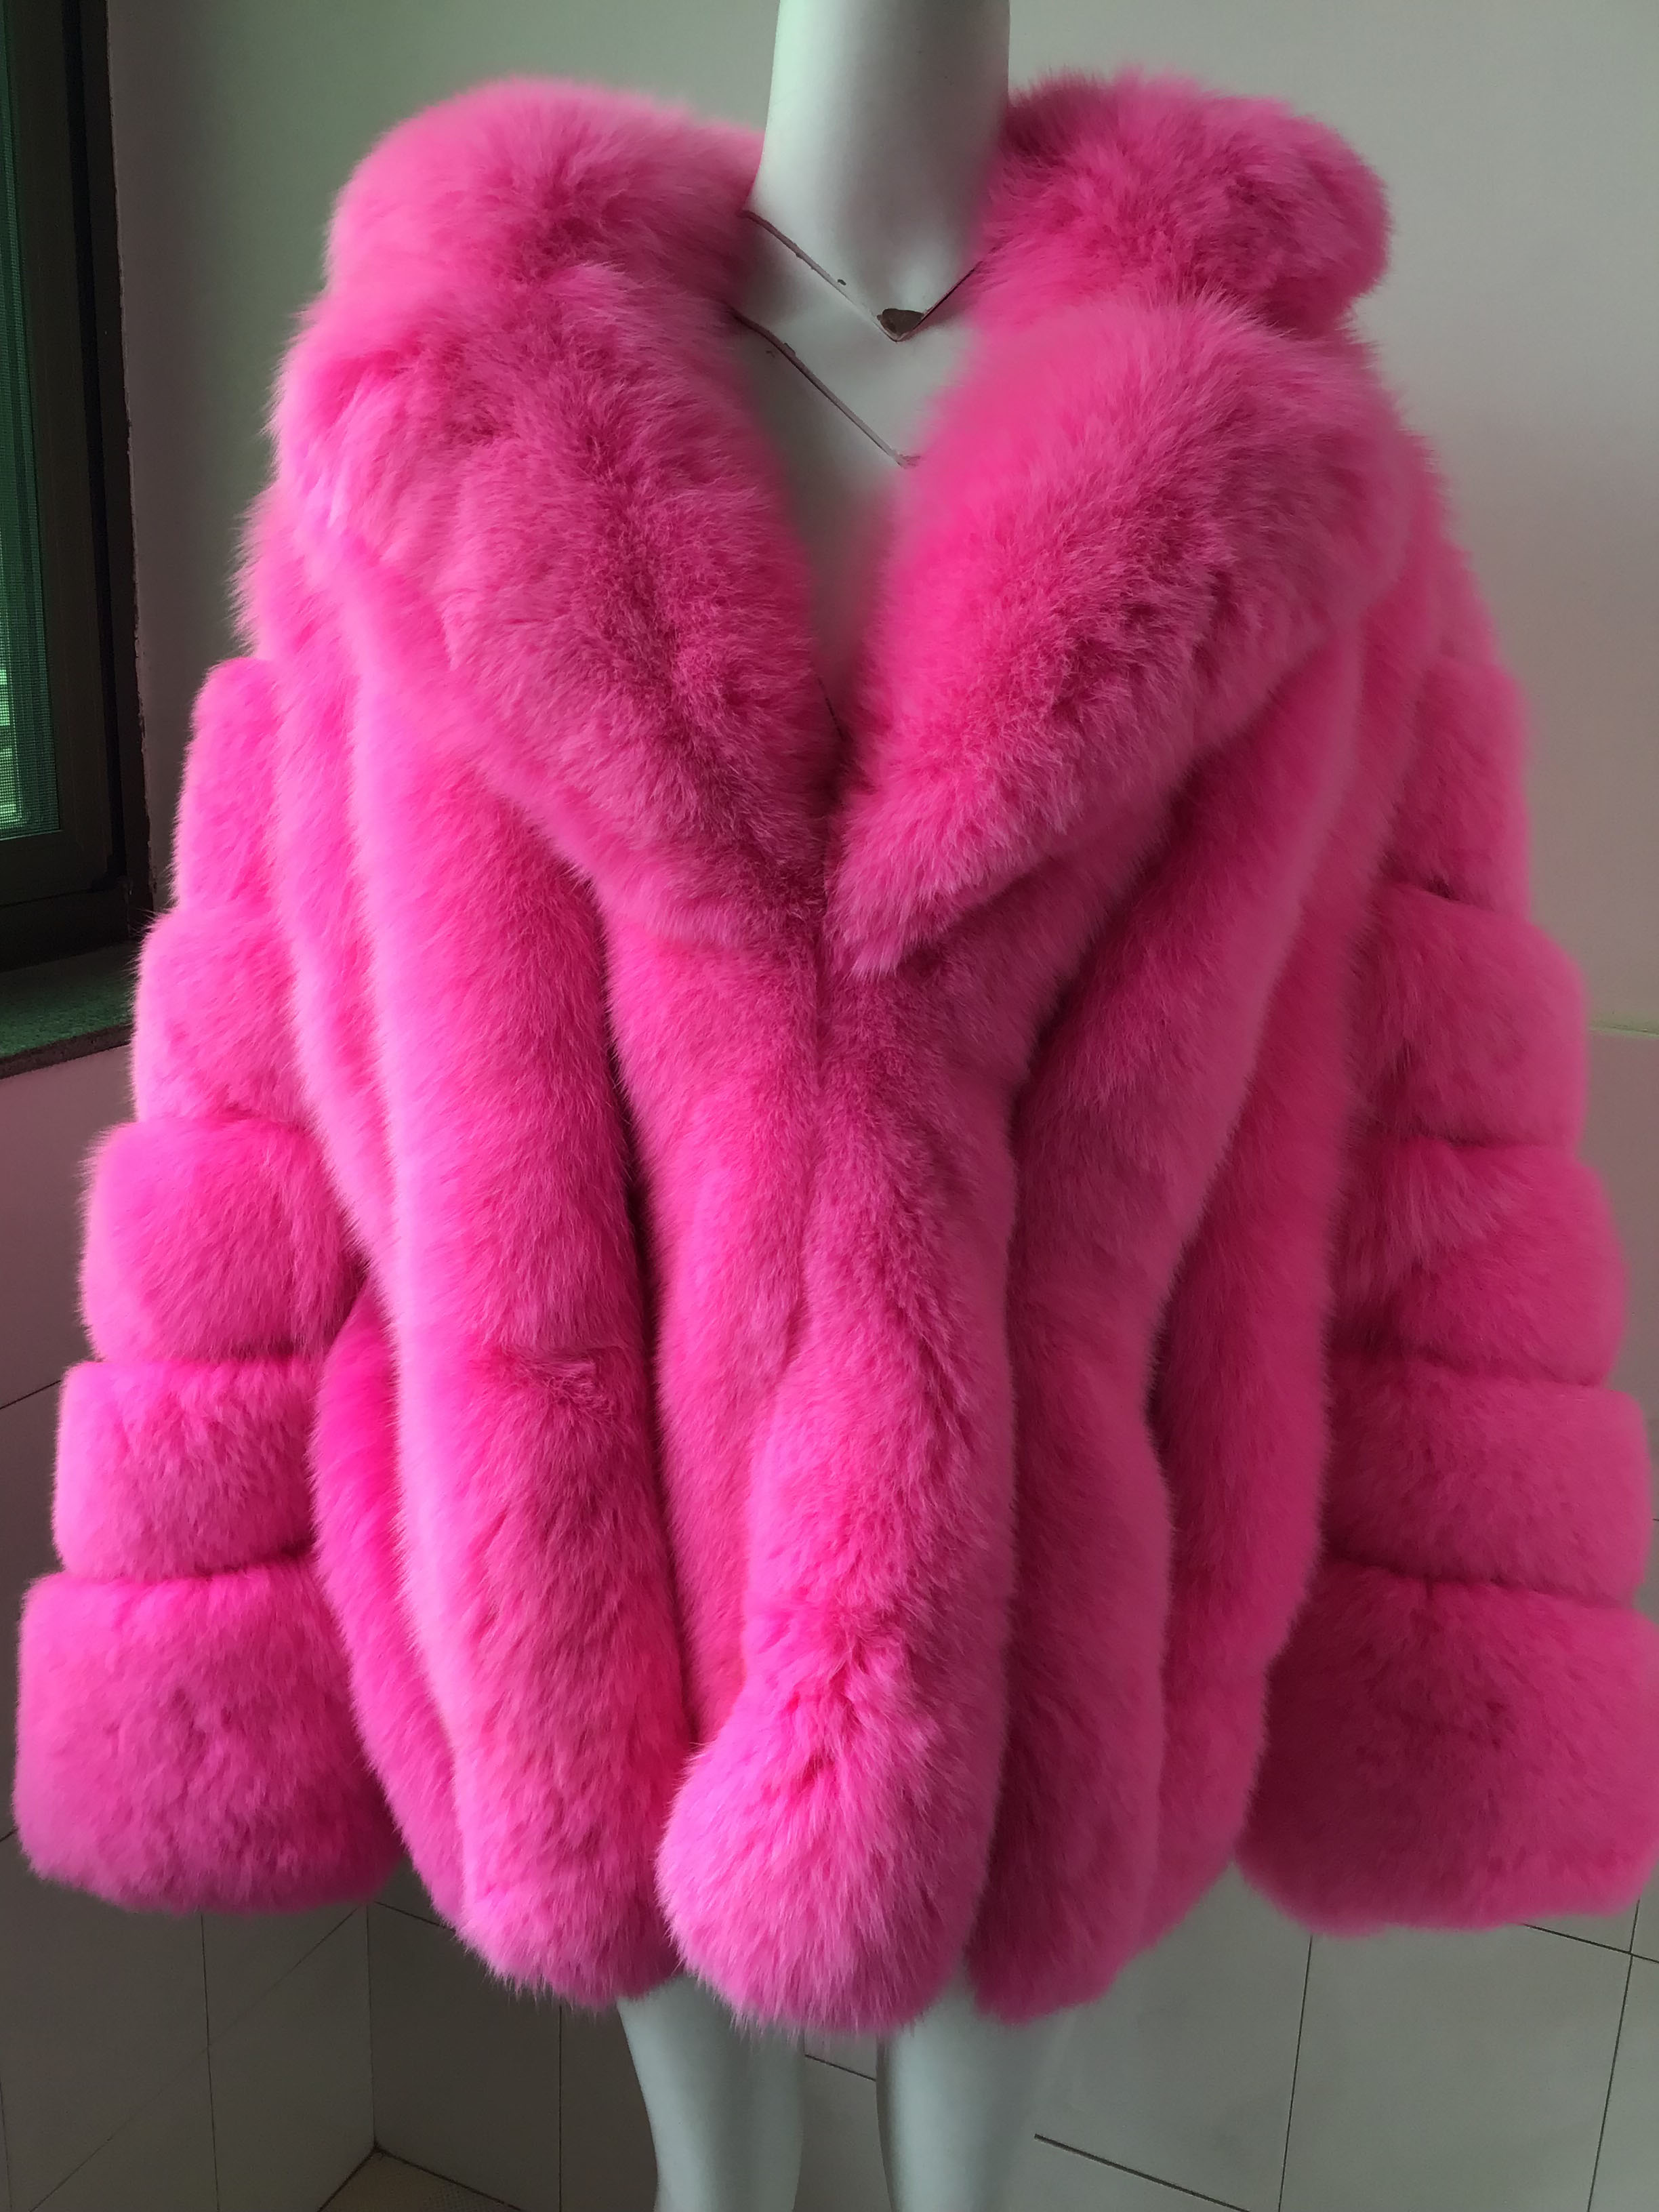 Hot Roze Vos Bont Verticale strepen patchwork lederen streep Grote Pak Kraag jas uitloper jacket winter parka plus size